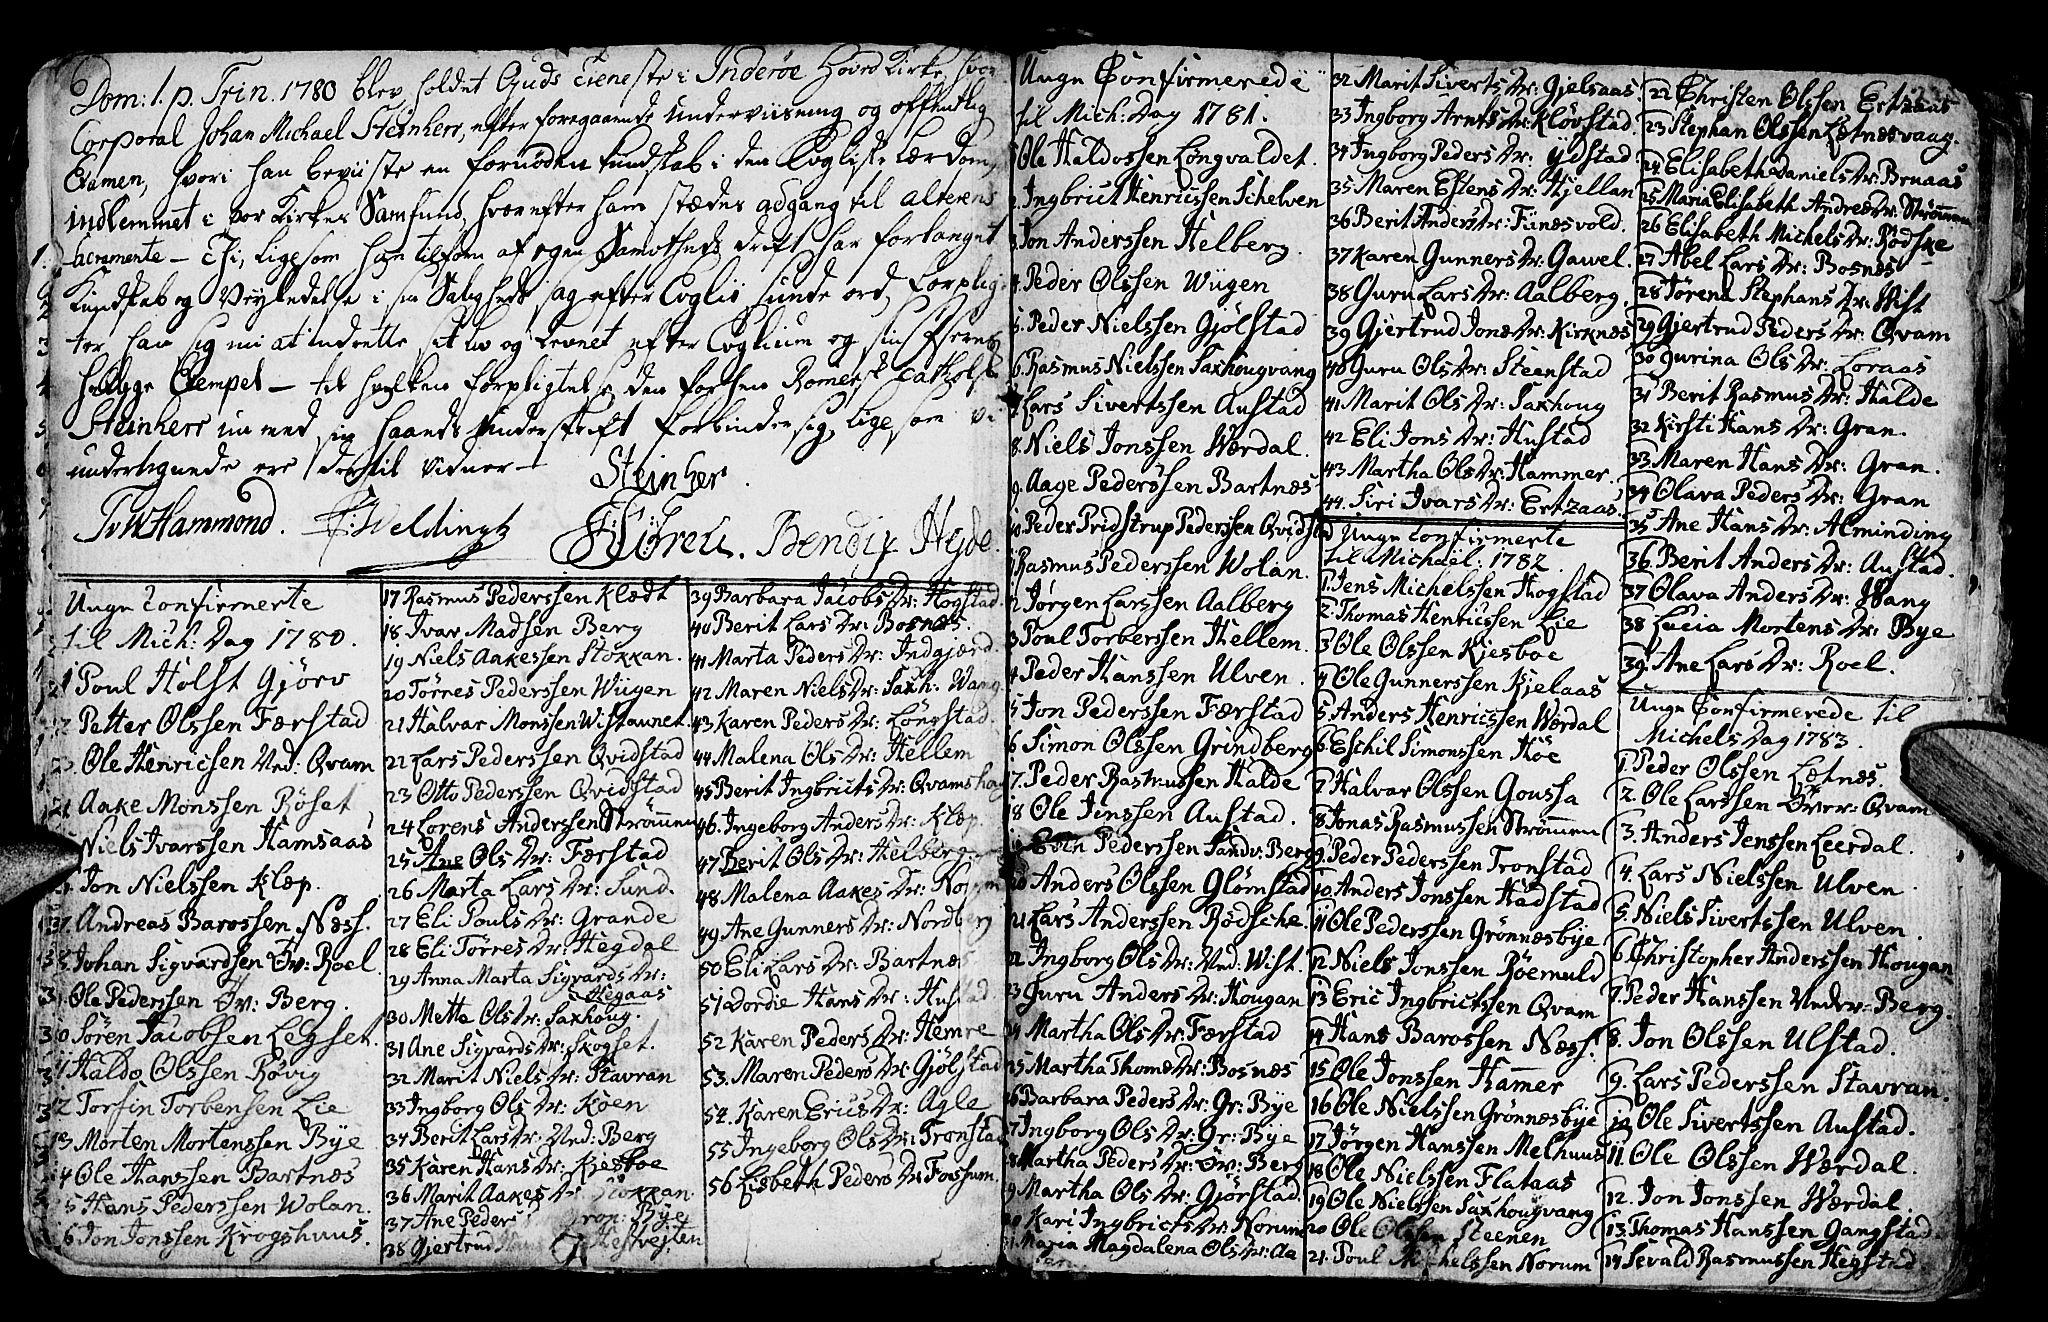 SAT, Ministerialprotokoller, klokkerbøker og fødselsregistre - Nord-Trøndelag, 730/L0273: Ministerialbok nr. 730A02, 1762-1802, s. 225